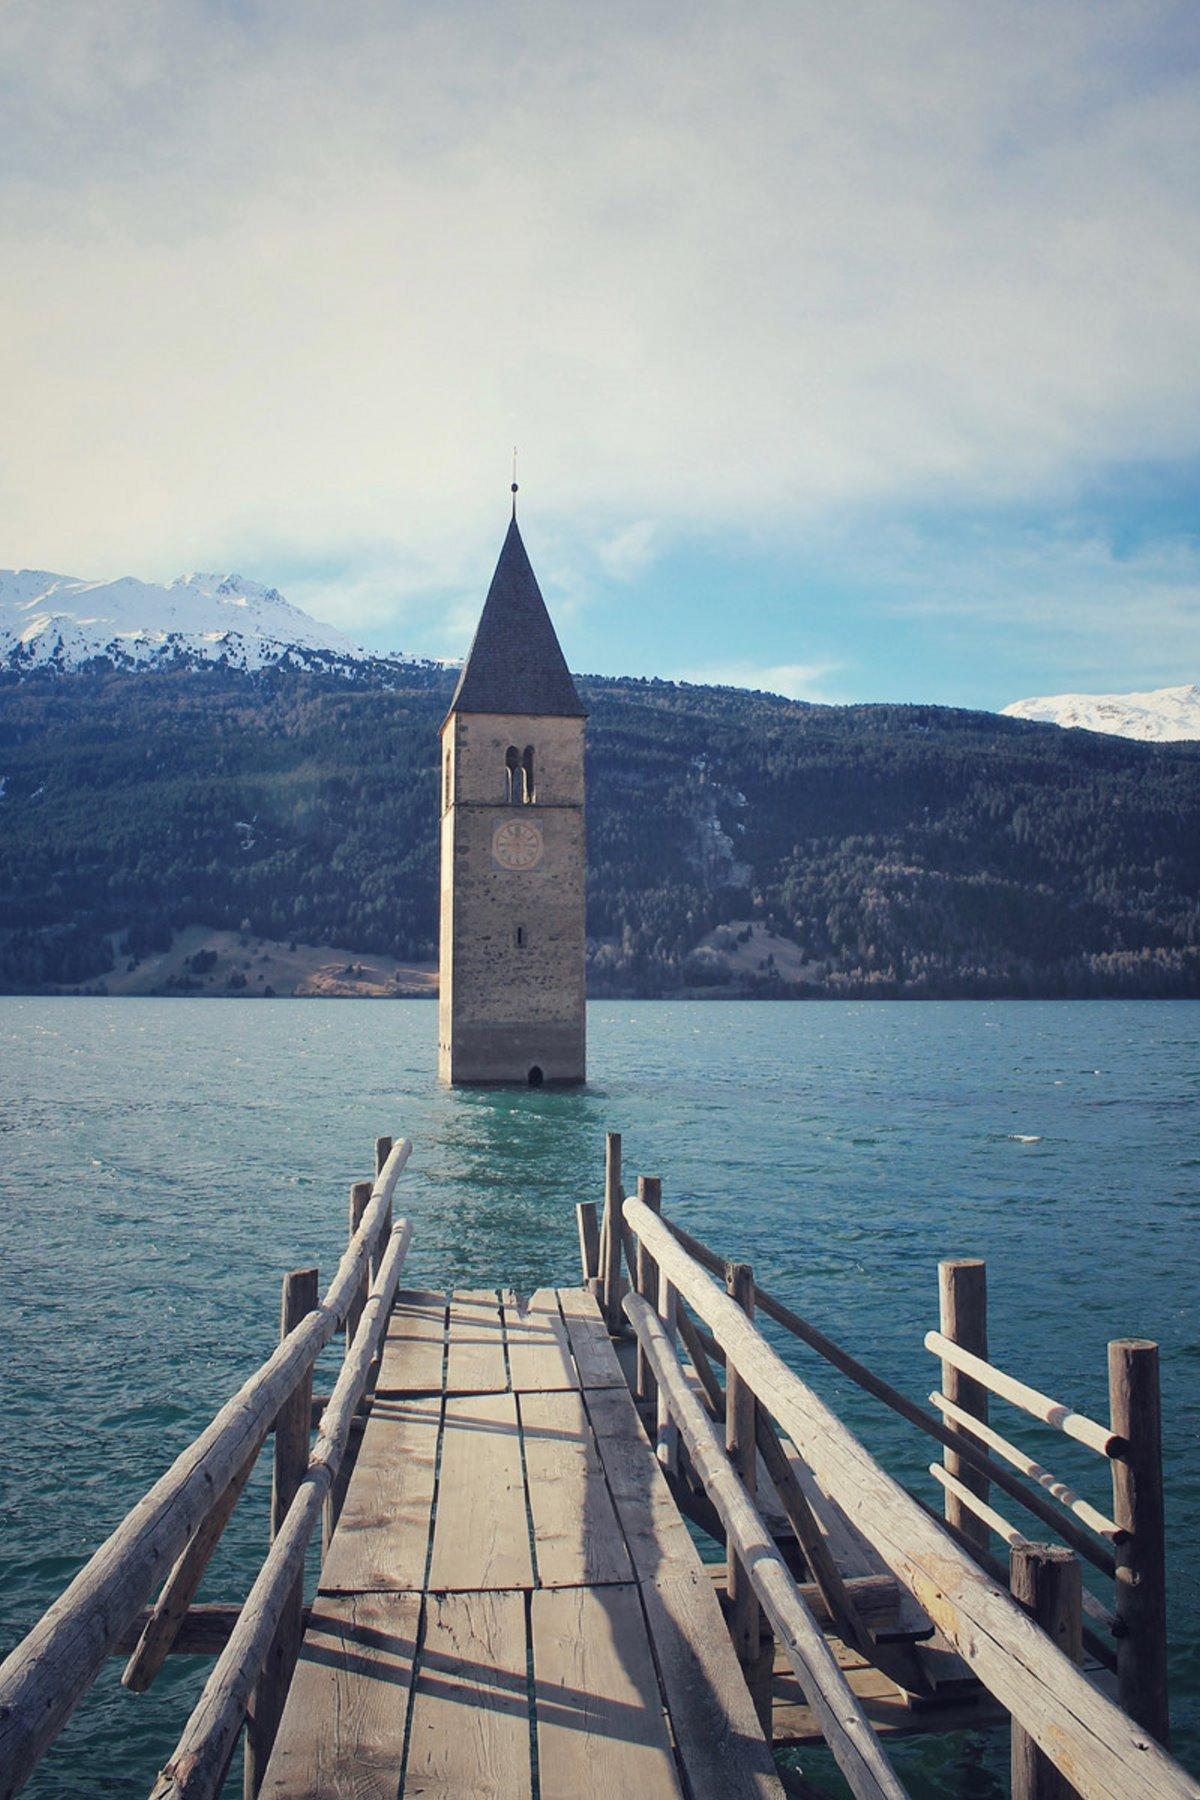 Λίμνη Ρέτσεν, Νότιο Τιρόλο, Ιταλία